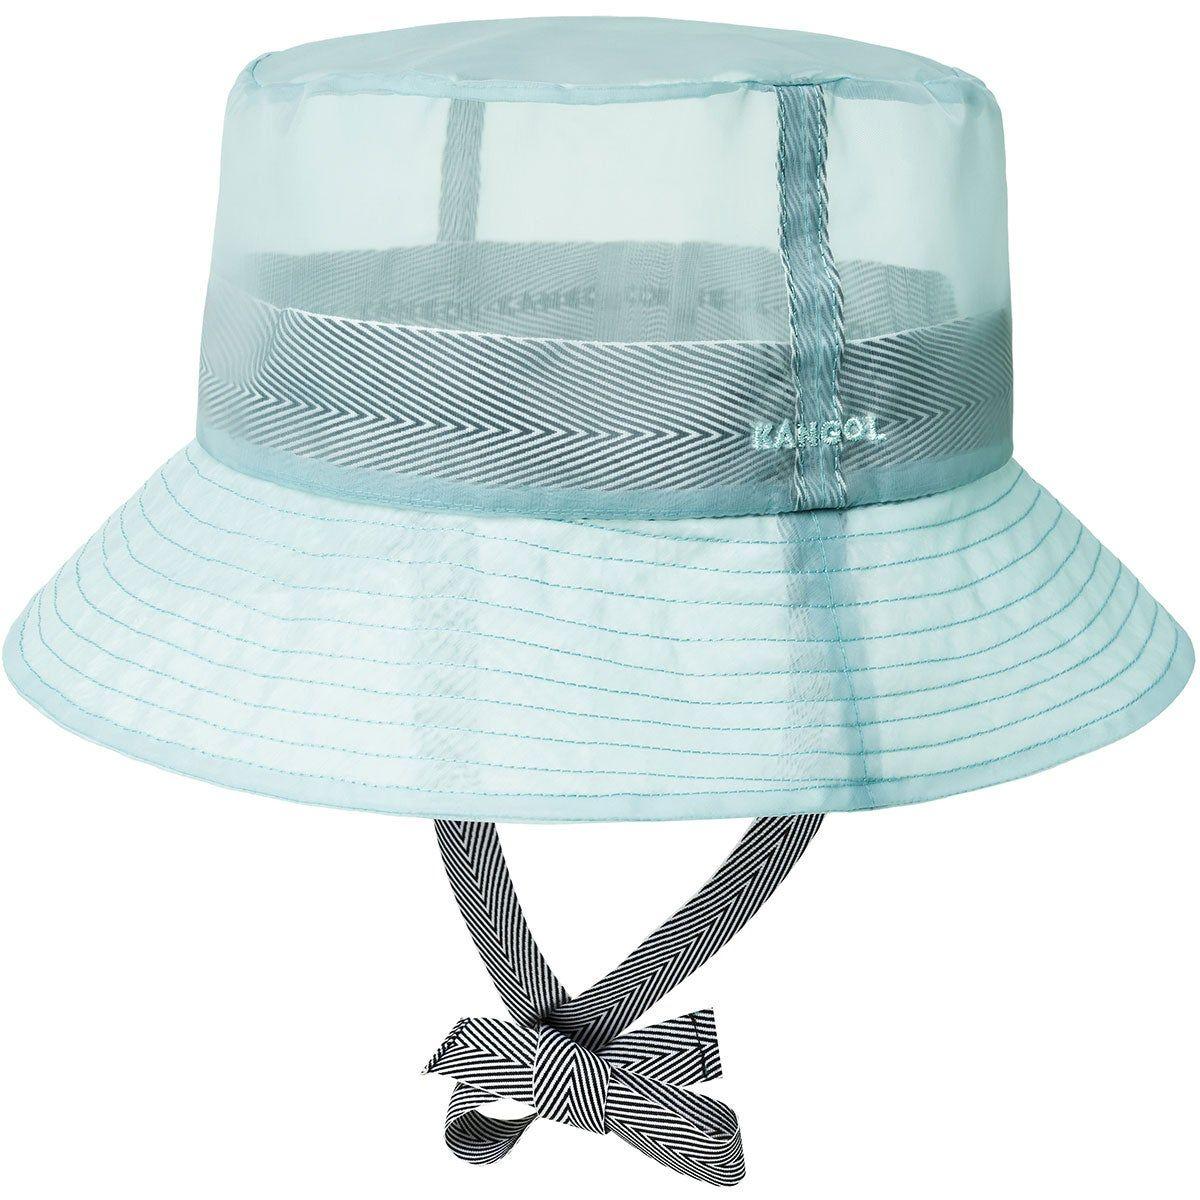 Transparent Bucket Bucket Hat Design Kangol Statement Hat